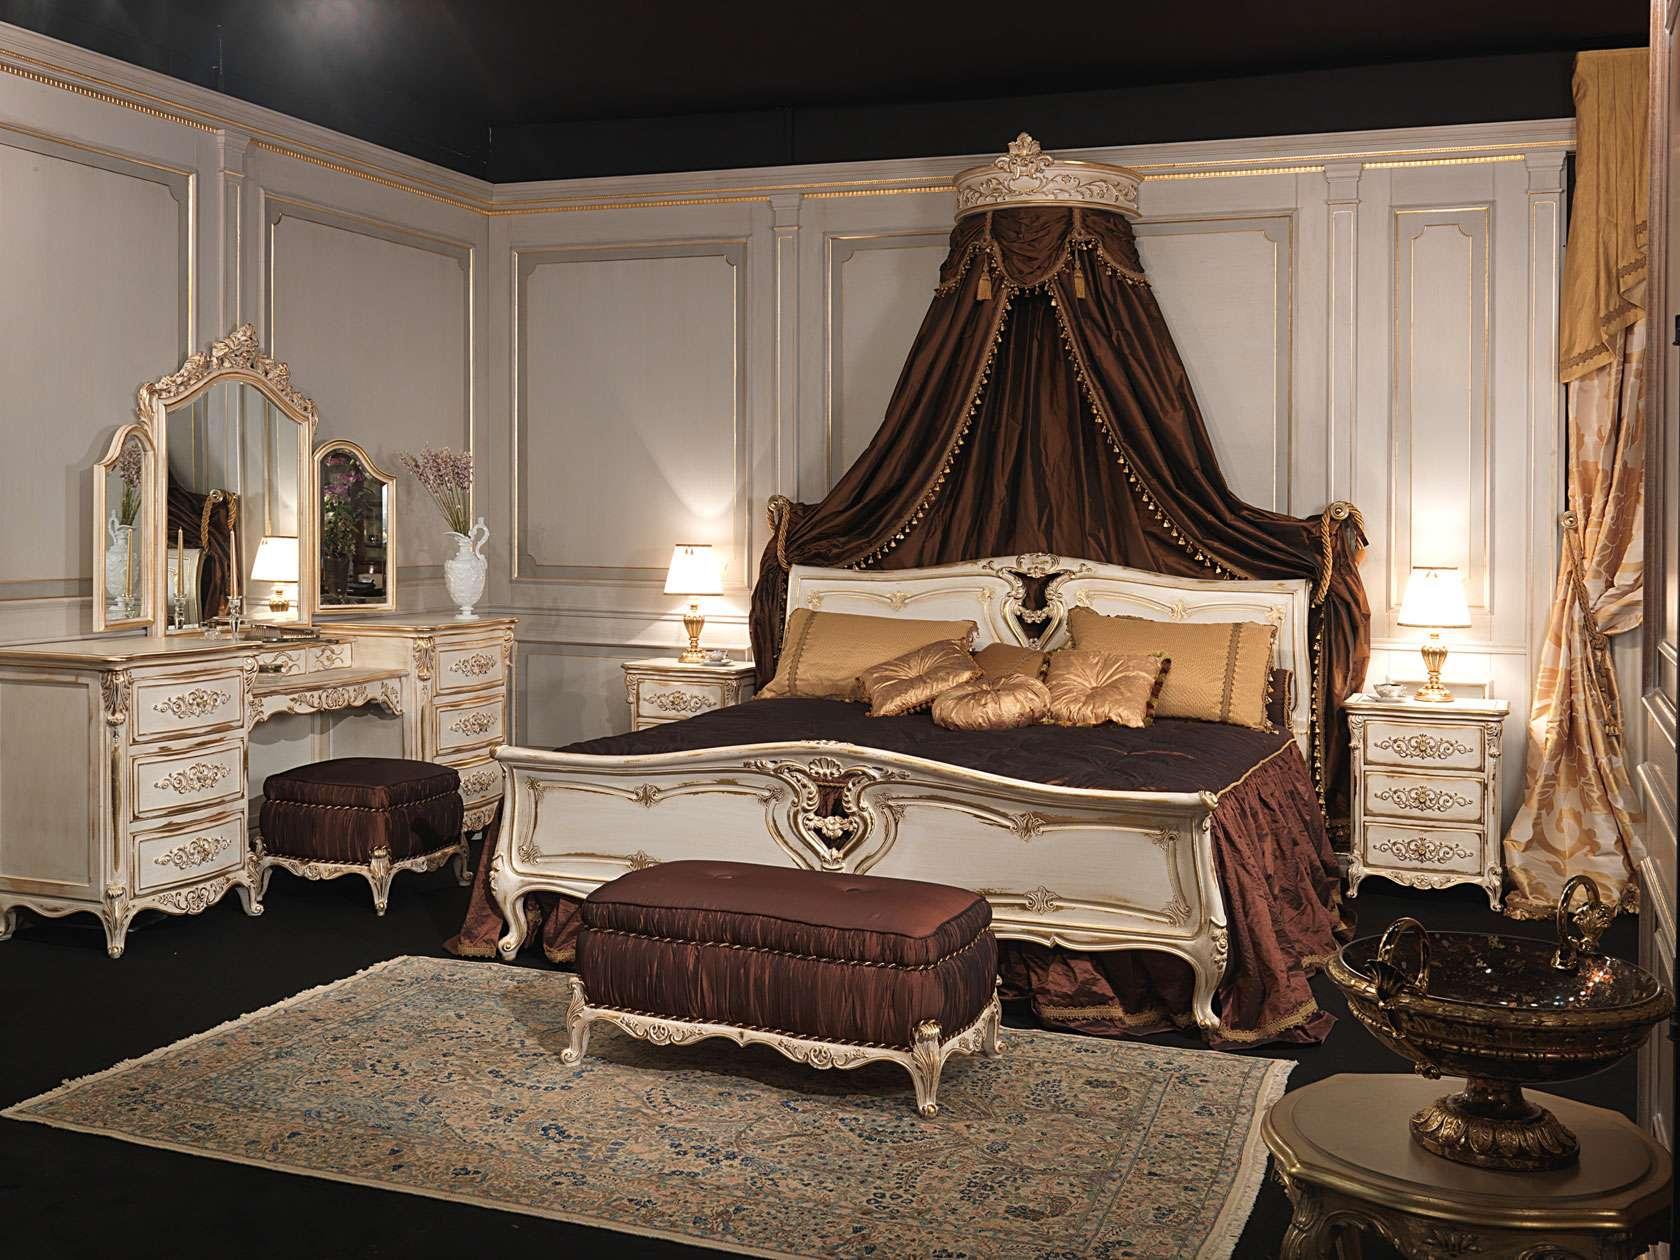 camera da letto classica in stile luigi xvi, letto in legno ... - Camera Da Letto Baldacchino